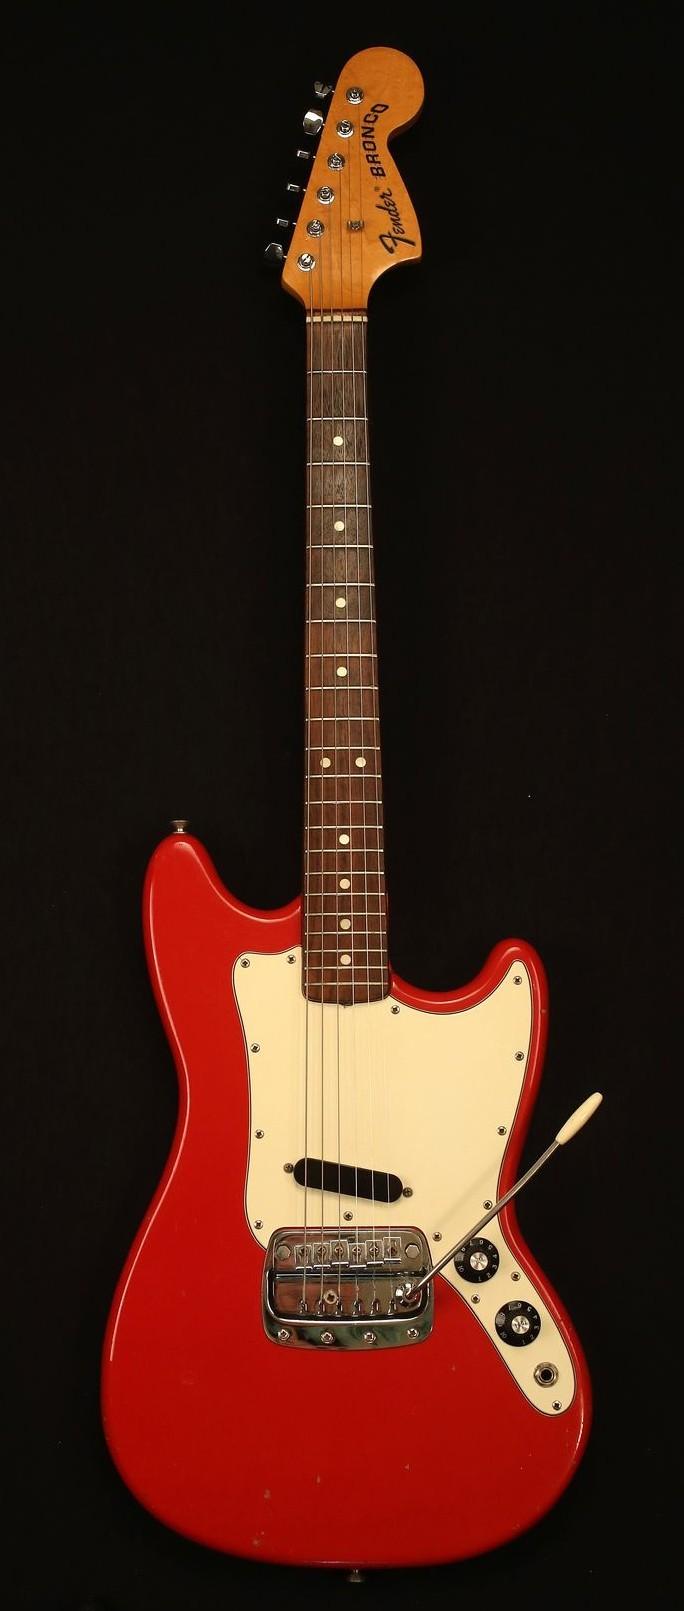 Fender Bronco Tube Amp Best 2018 Guitar Wiring Diagram 1968 31st Street Vine Guitars